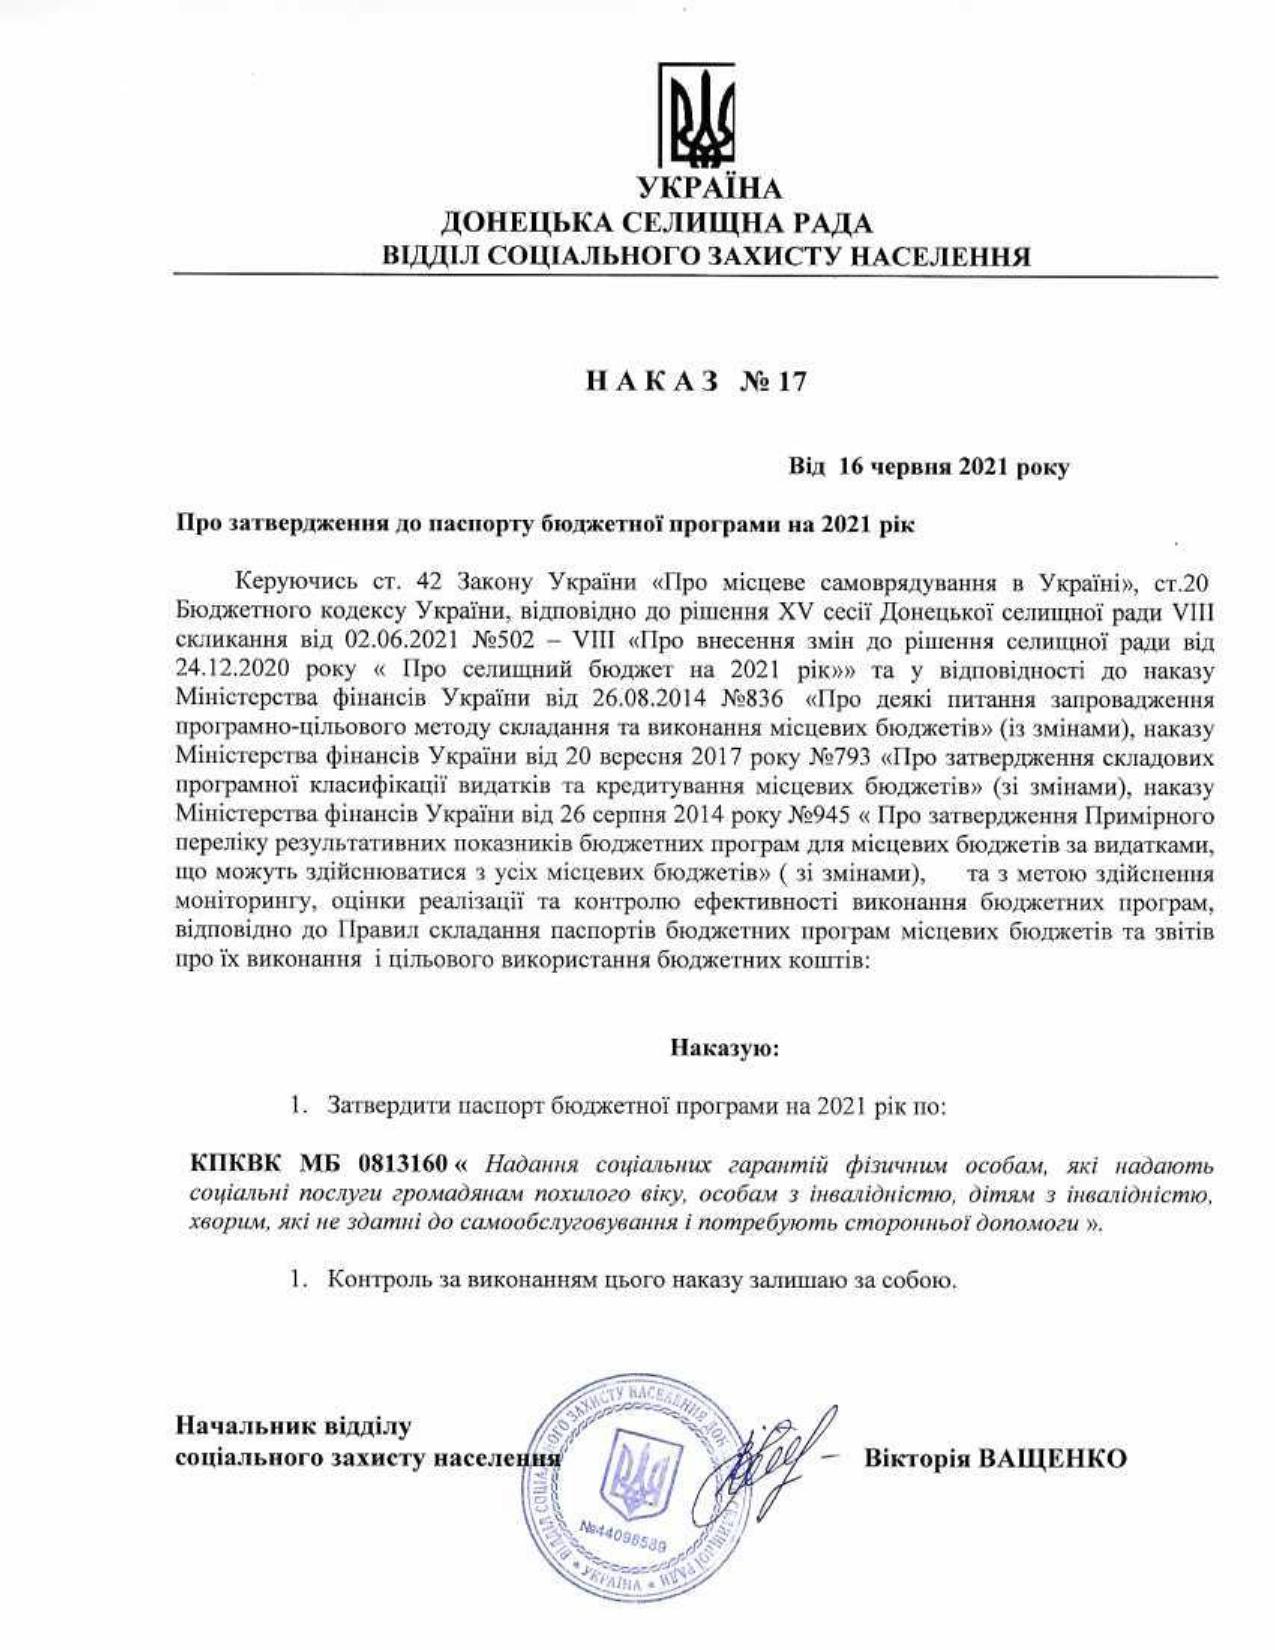 Наказ №17 Про внесення змін до паспорту бюджетних програм на 2021 рік та Паспорт